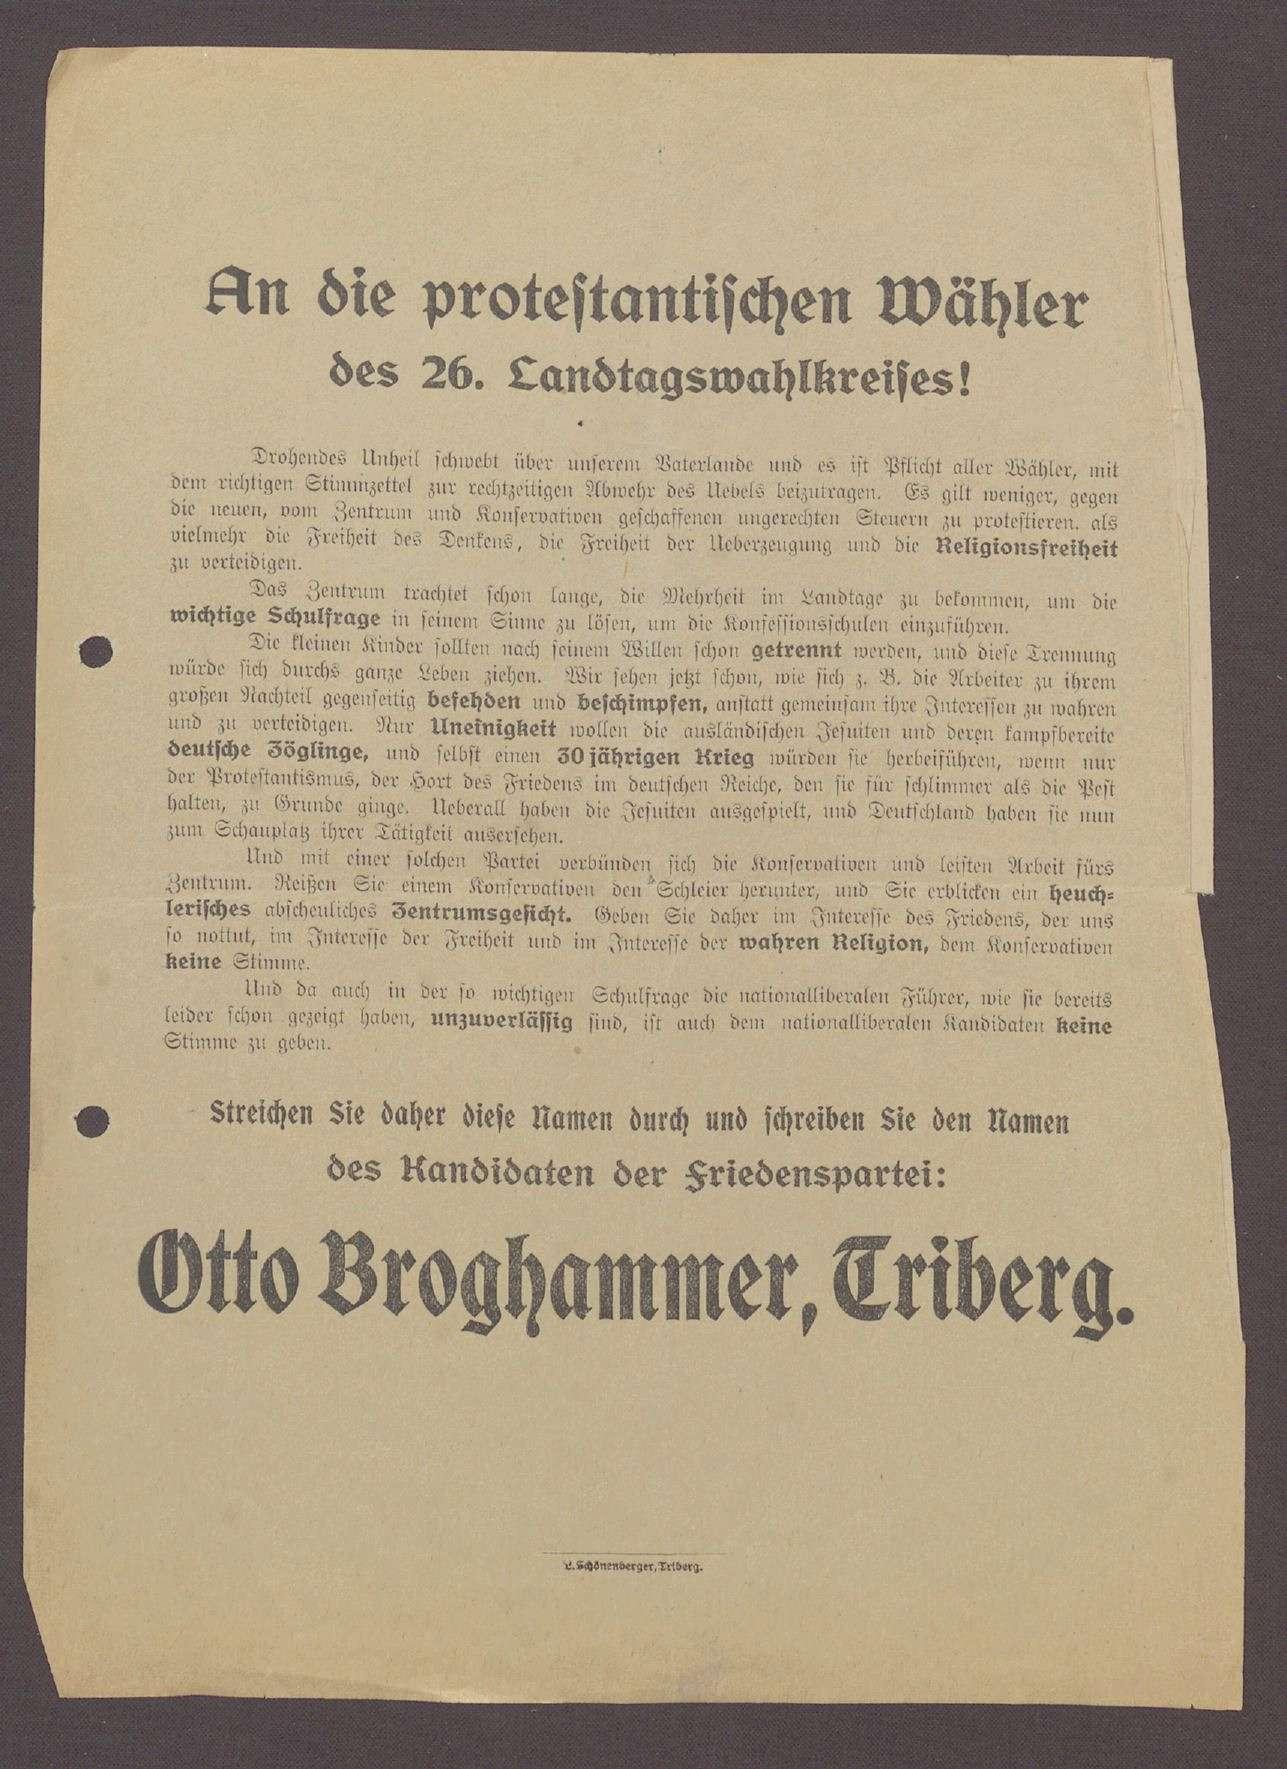 """Flugblatt: """"An die protestantischen Wähler des 26. Landtagswahlkreises...Otto Broghammer"""", Friedenspartei, L. Schönenberger, Triberg, Bild 1"""